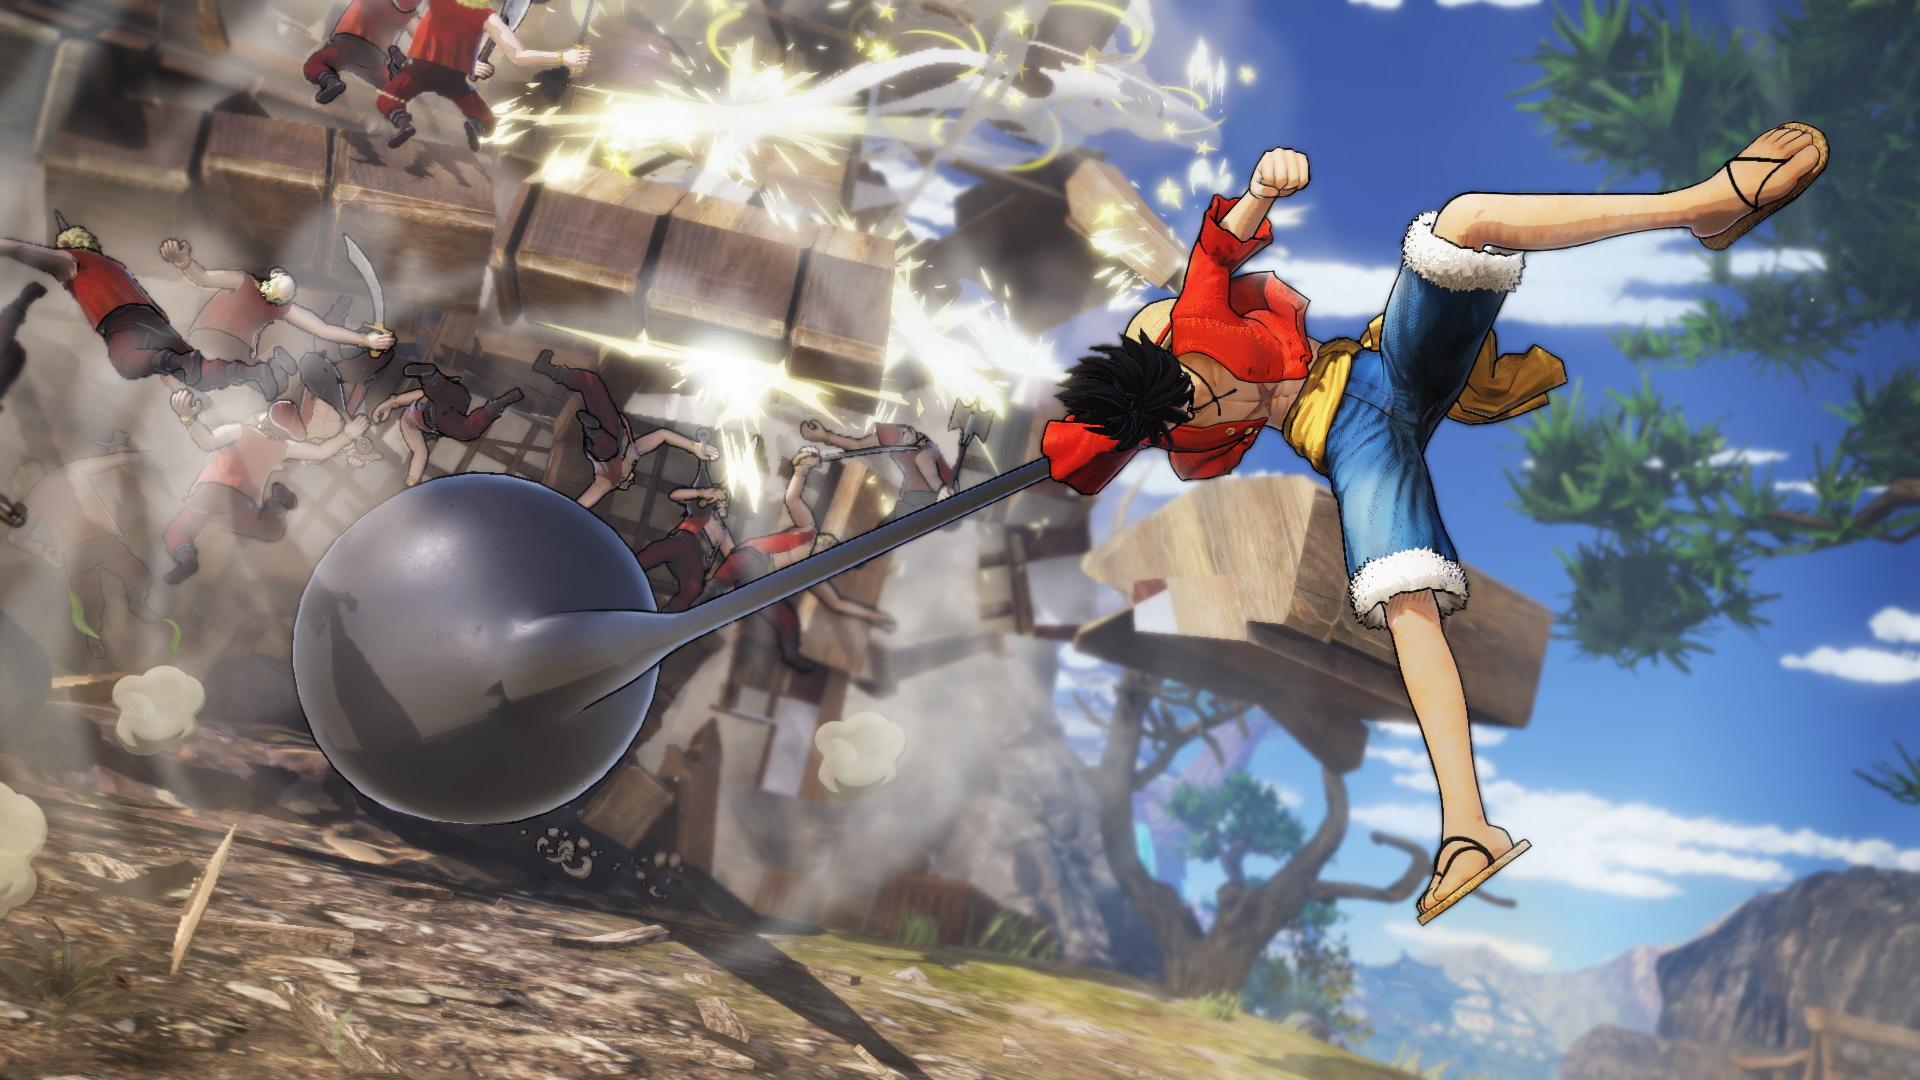 Game One Piece : Pirate Warriors 4 đại chiến hải tặc siêu hot